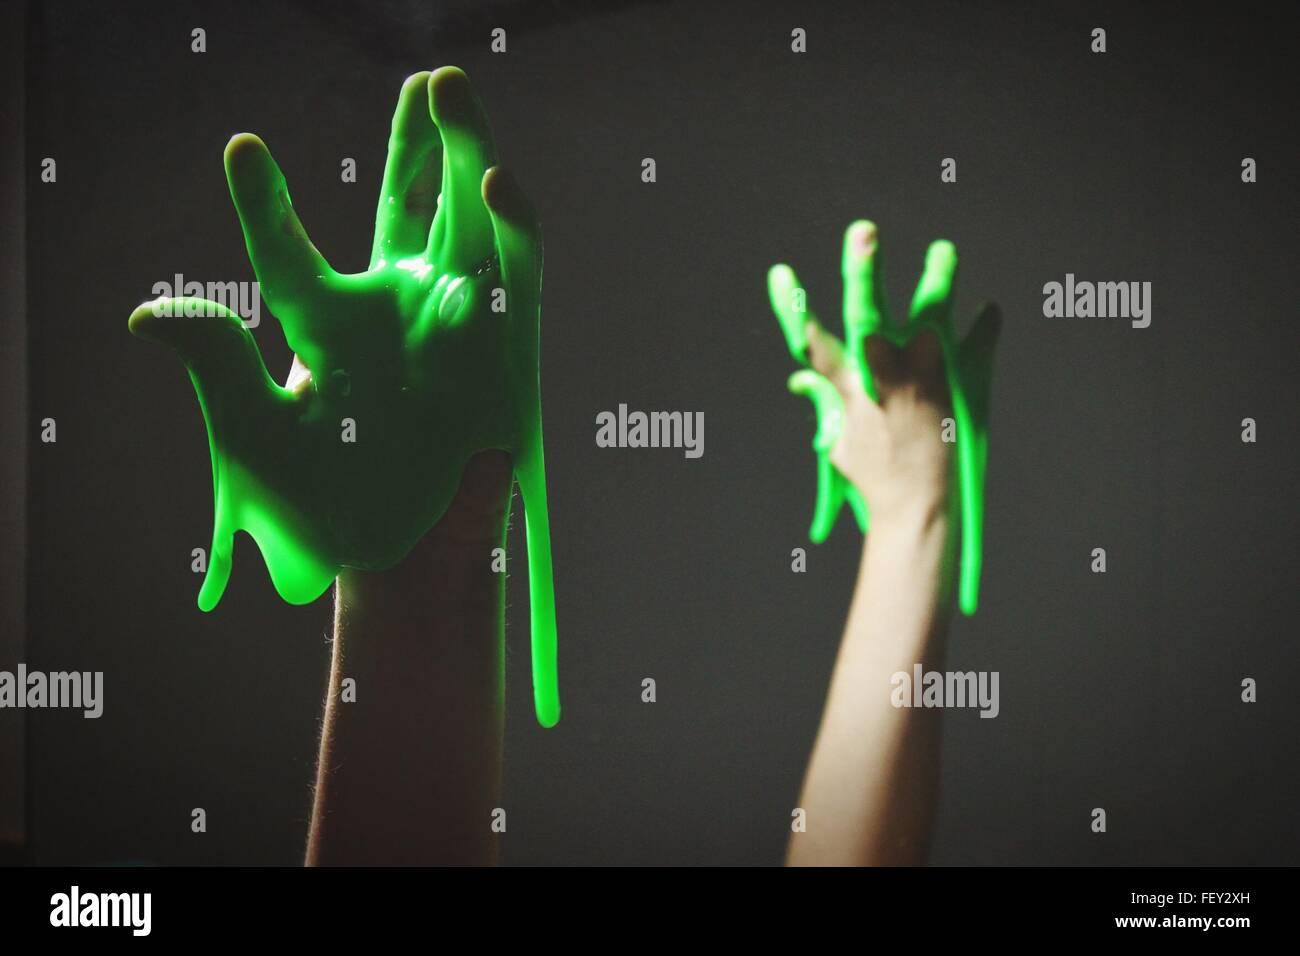 La main coupée avec Slime vert sur fond noir Photo Stock